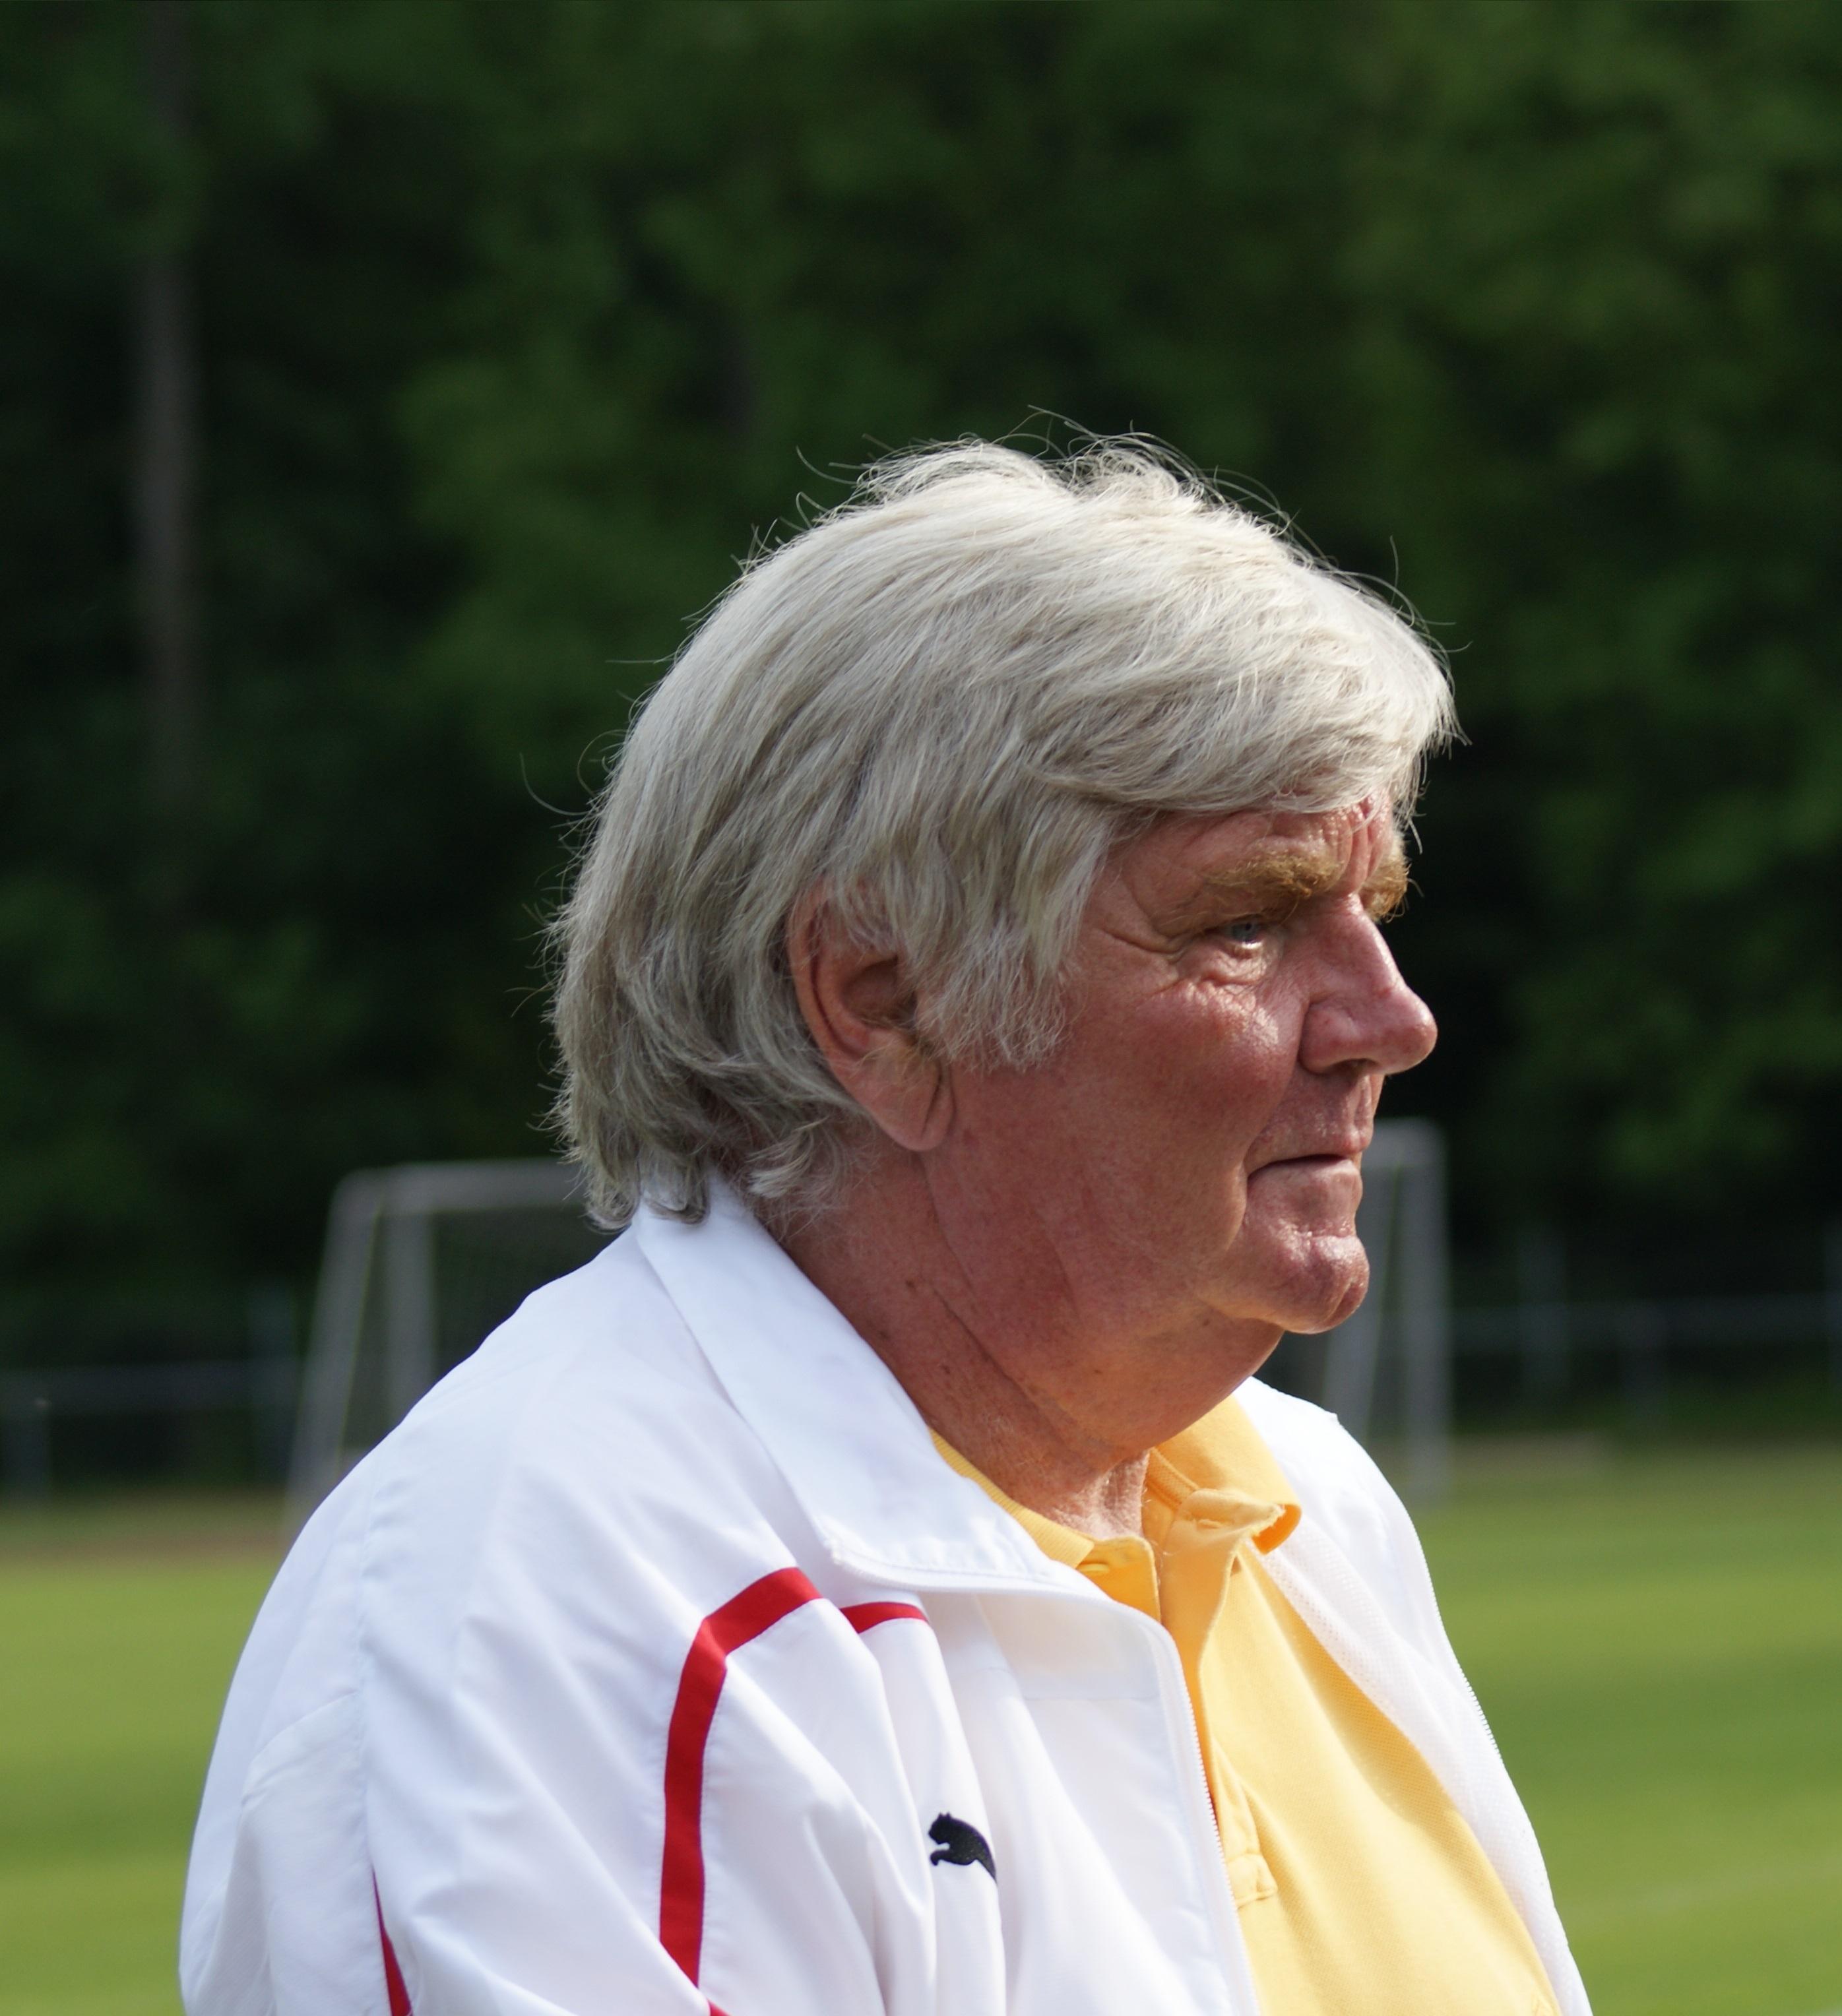 Jürgen Sundermann im Sommer bei einem Benefizspiel 2012